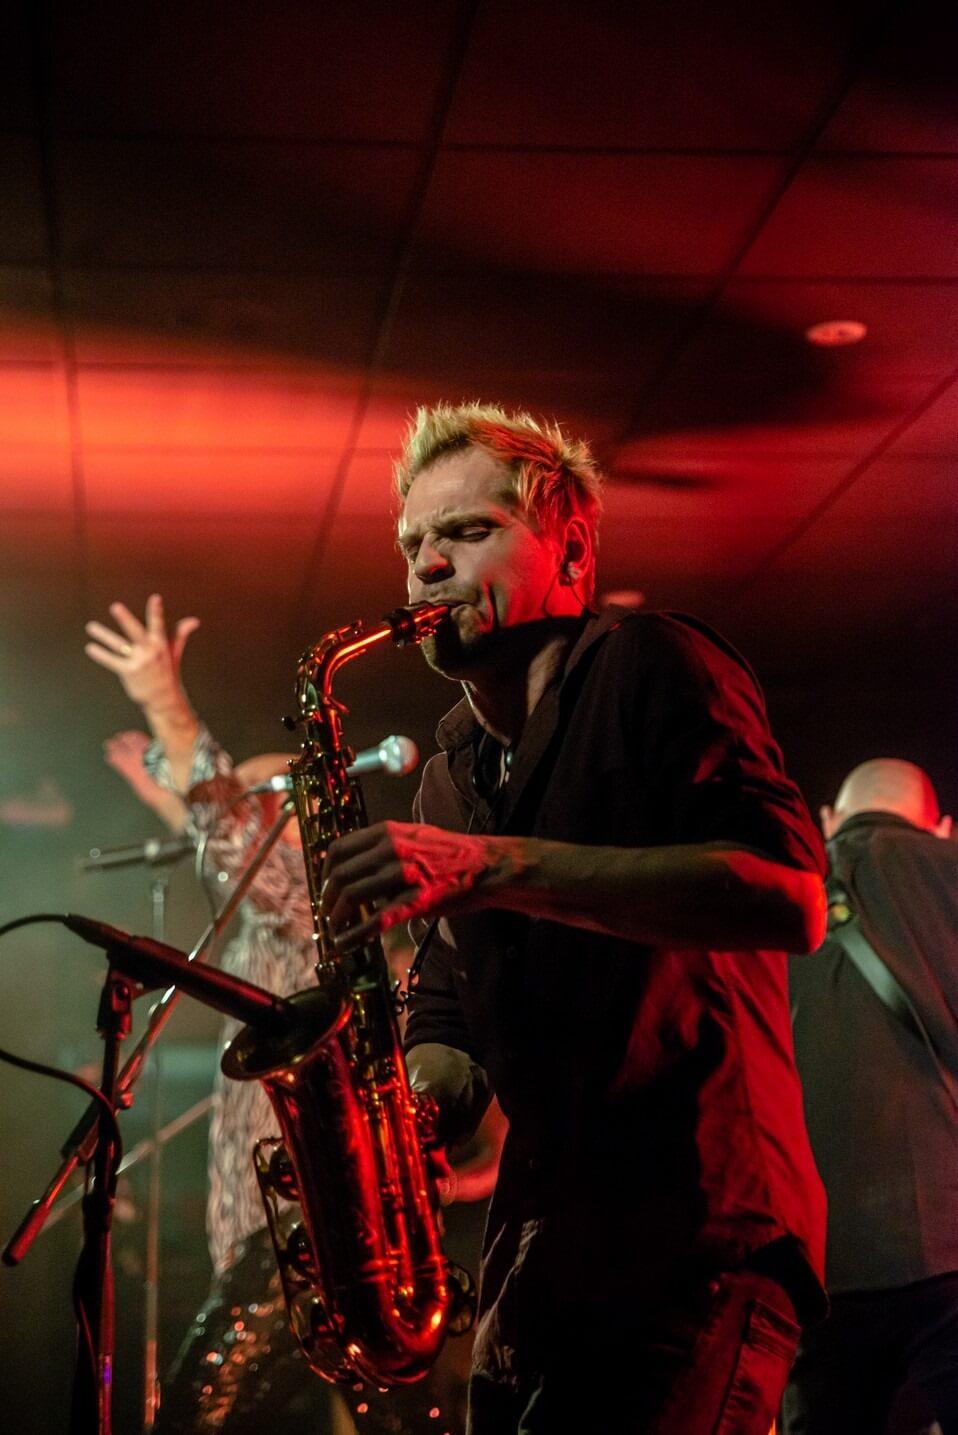 Pete Sax